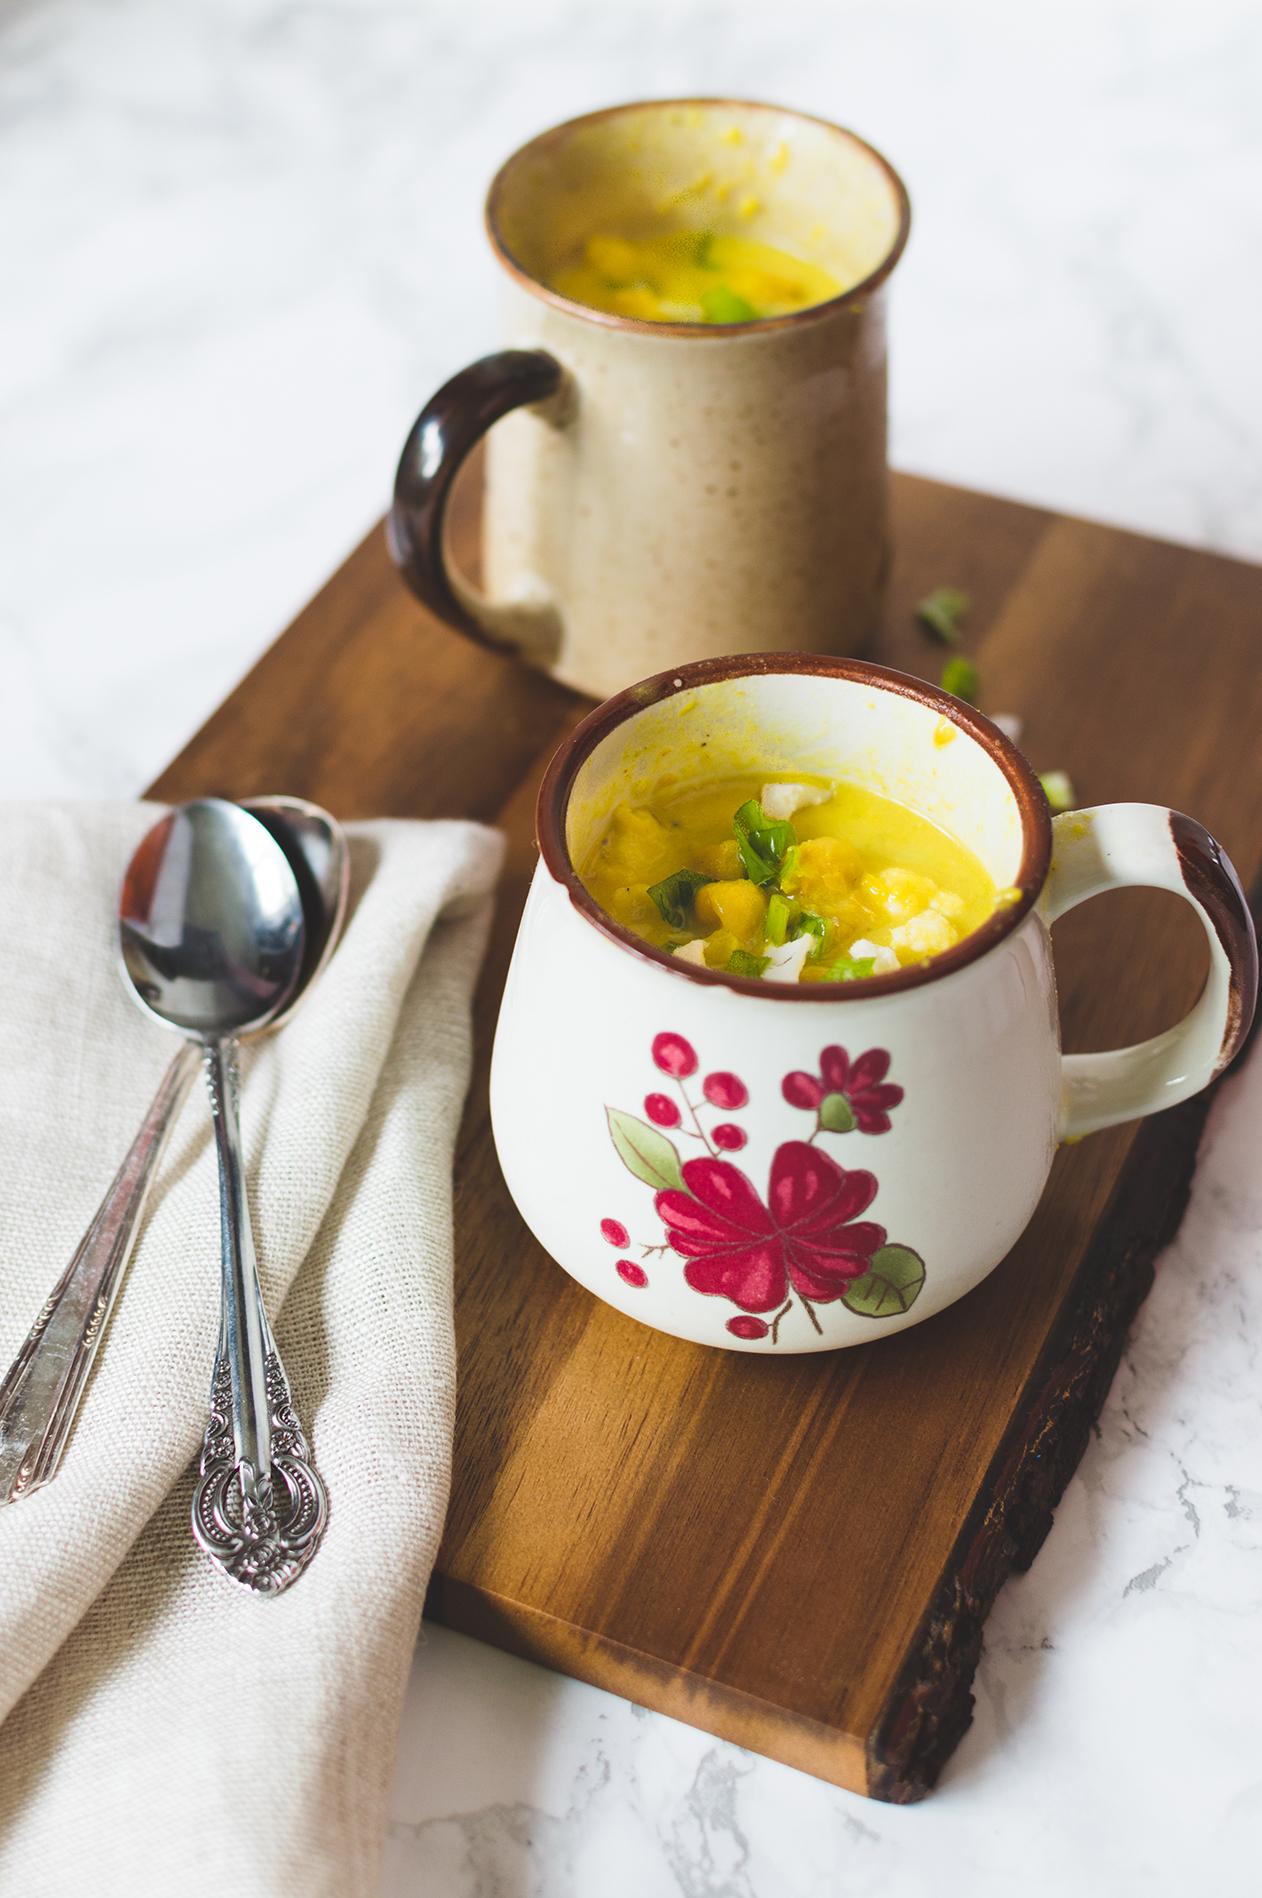 mijote-de-pois-chiche-et-chou-fleur-au-lait-de-coco-4